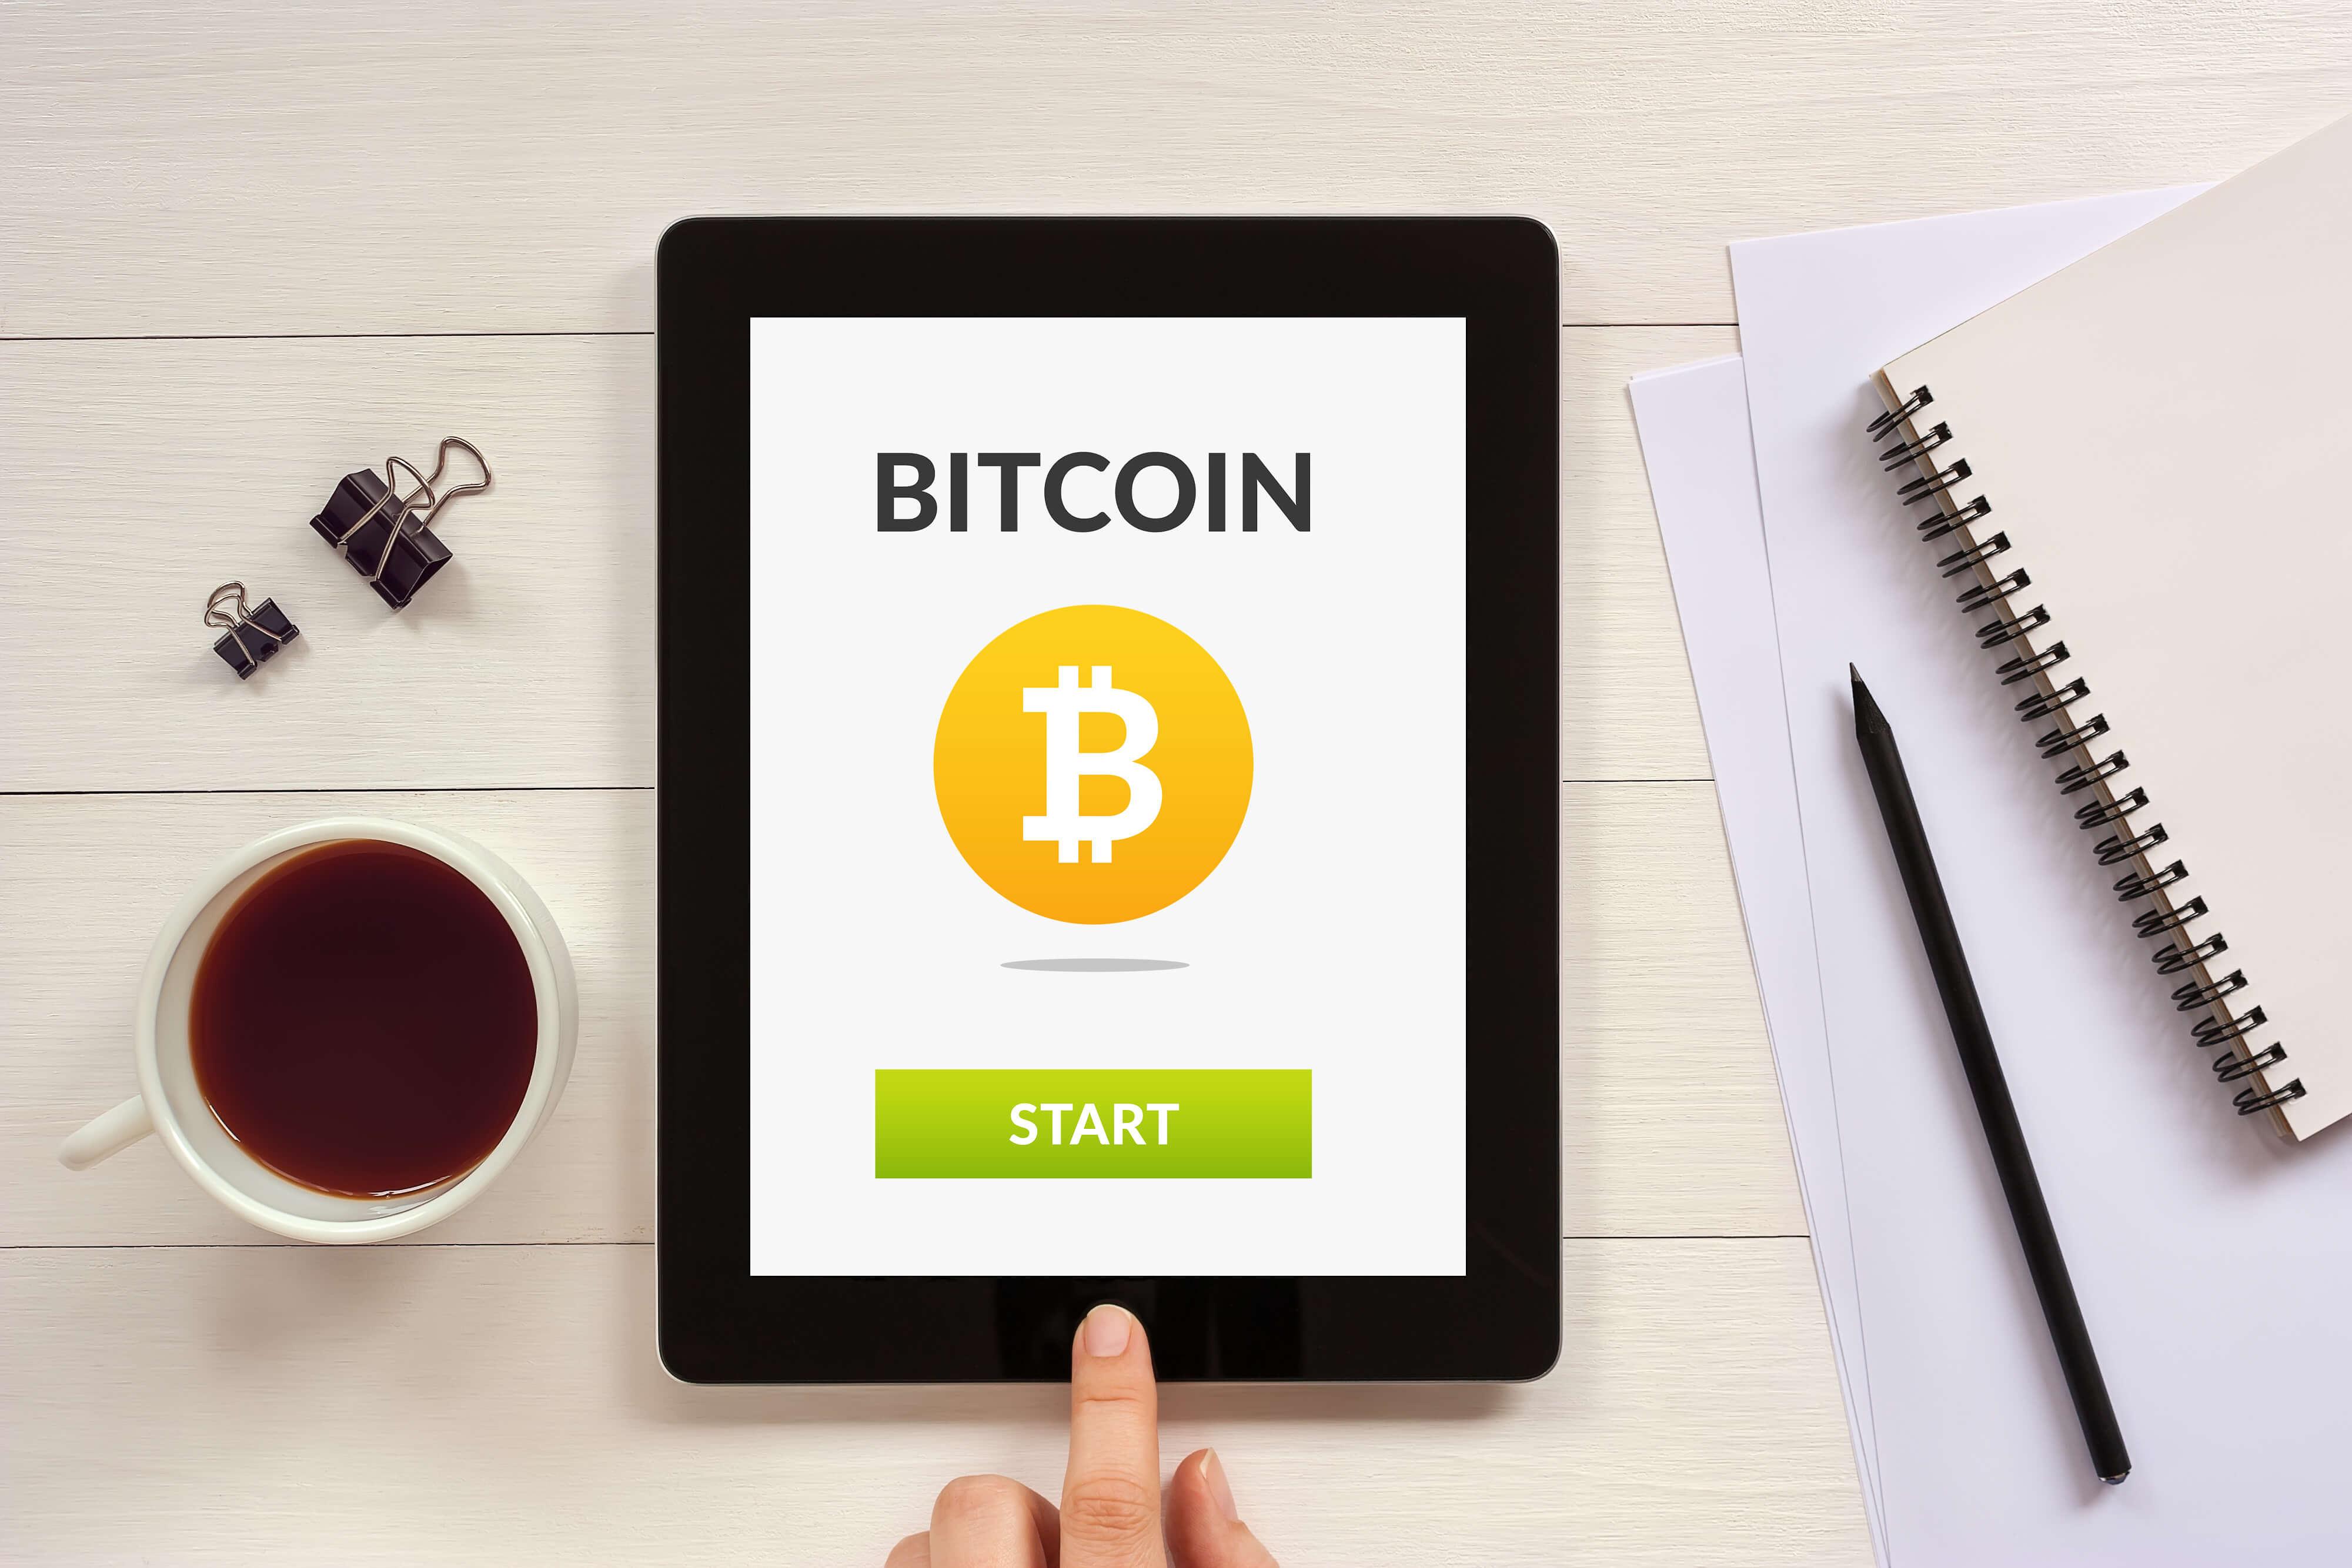 ビットコイン(Bitcoin/BTC)を購入するなら!手数料がお得なのはどこ?